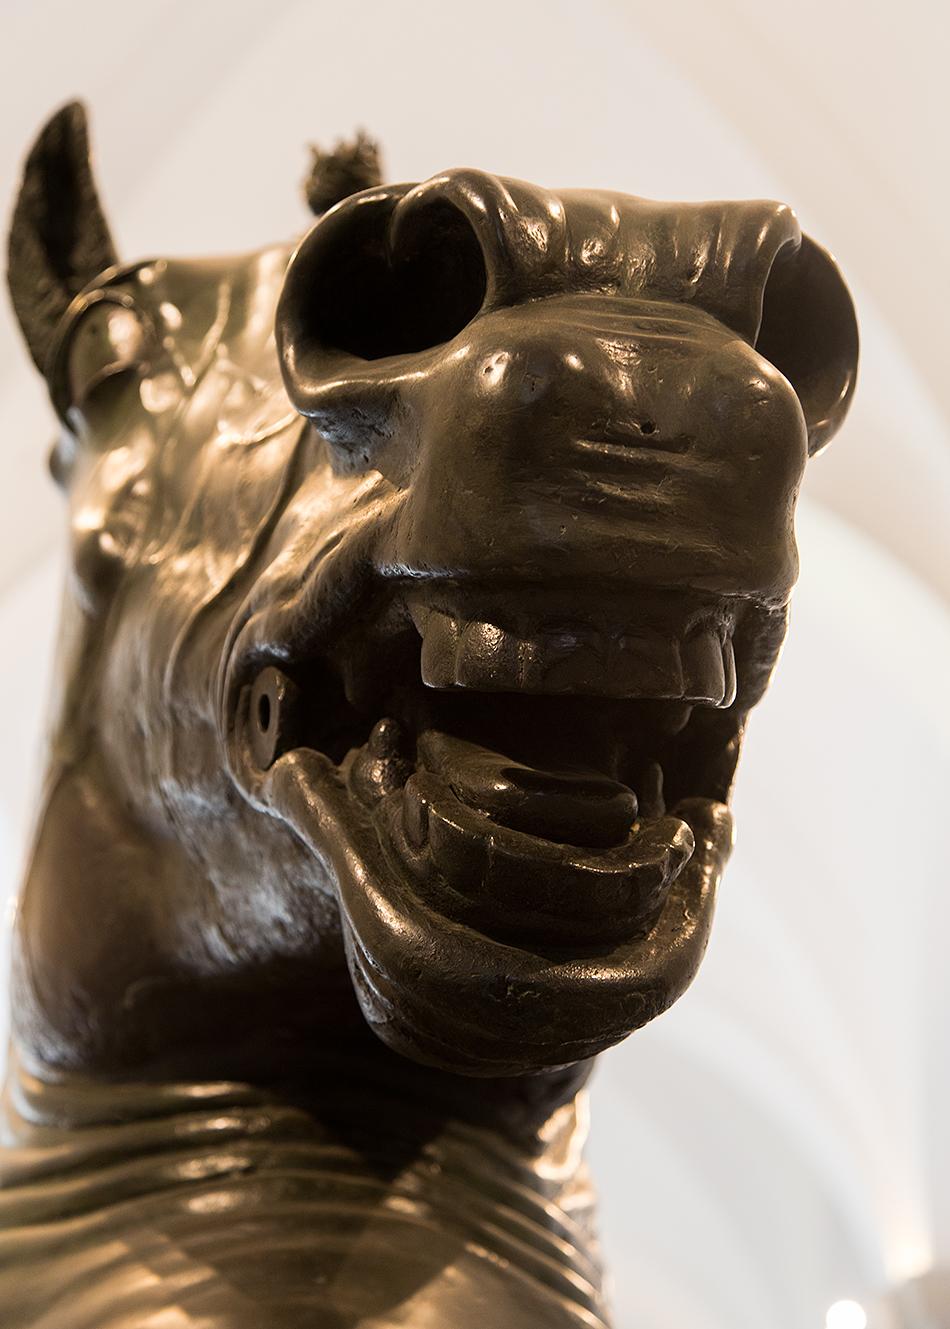 Neapel, Archäologisches Nationalmuseum, Pferdekopf von einer reiterstatue von Donatello